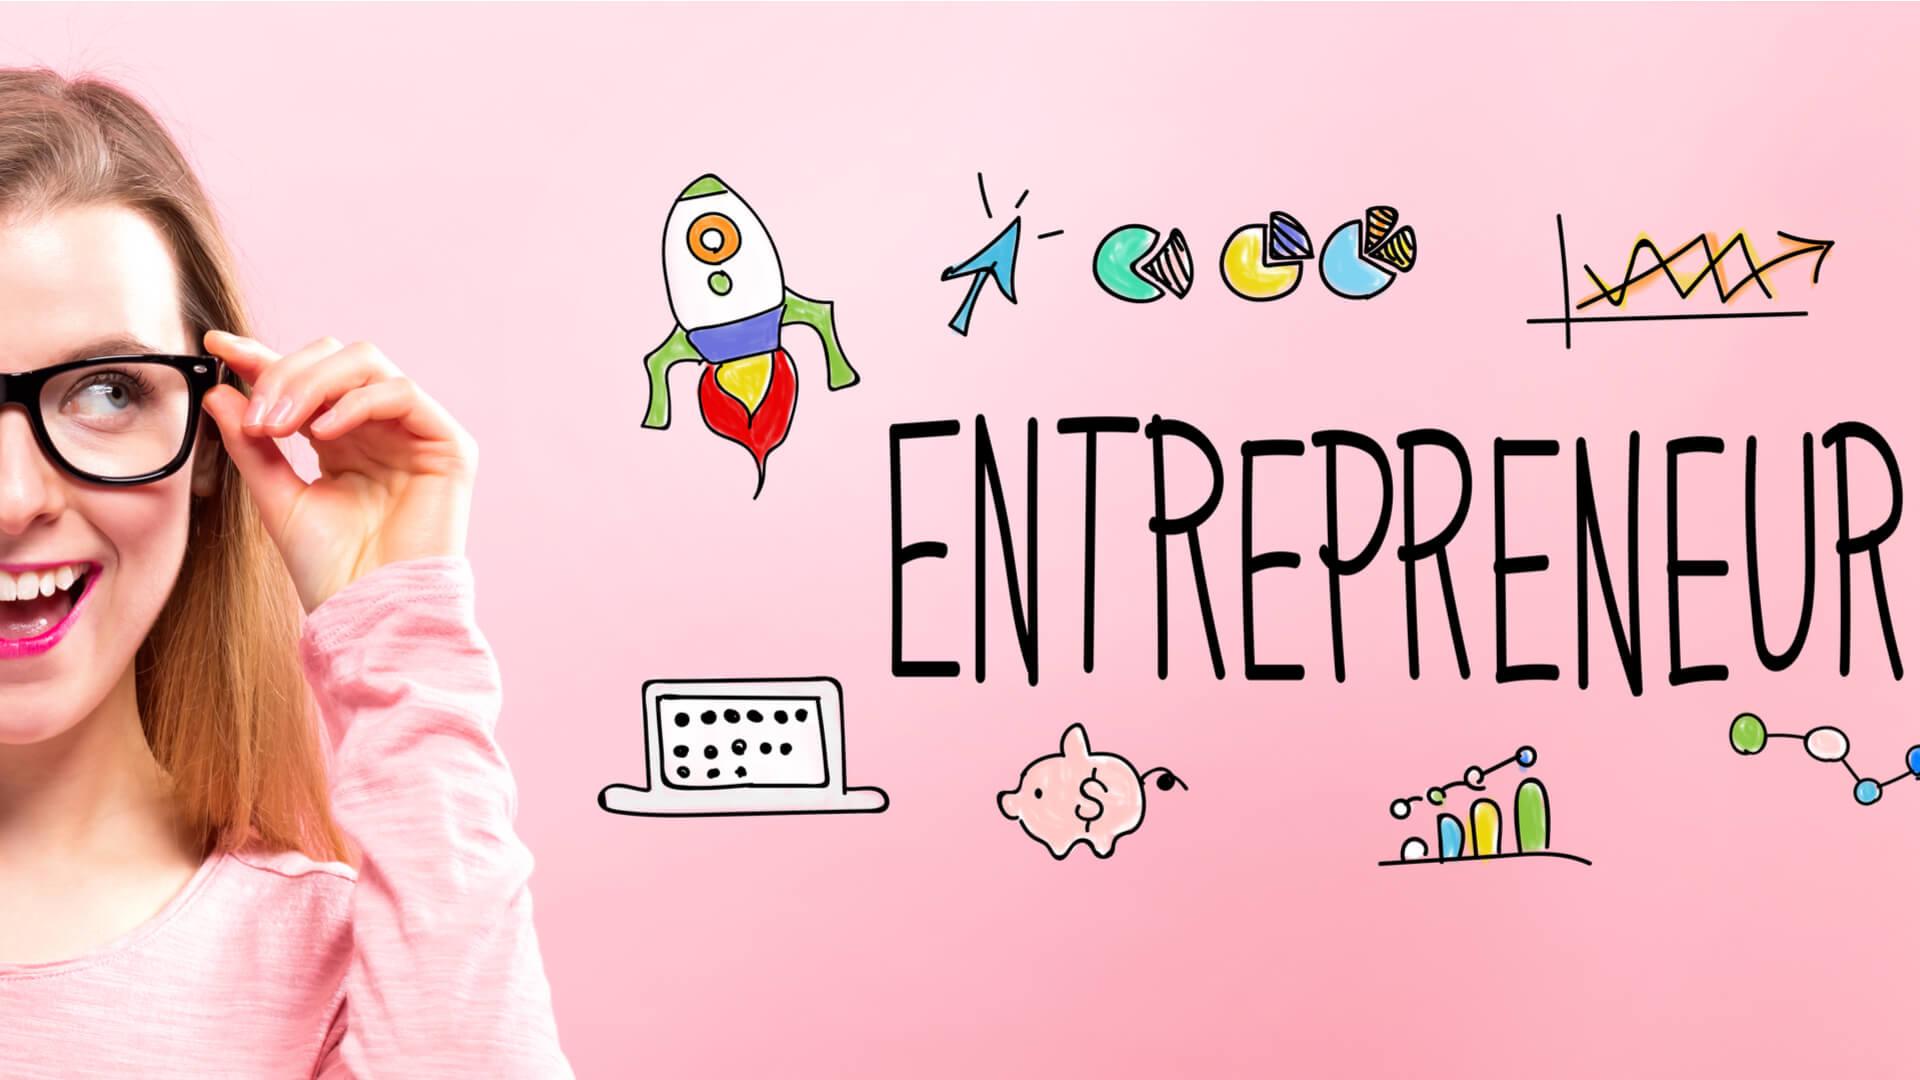 Antreprenoriat, de la vis la realitate